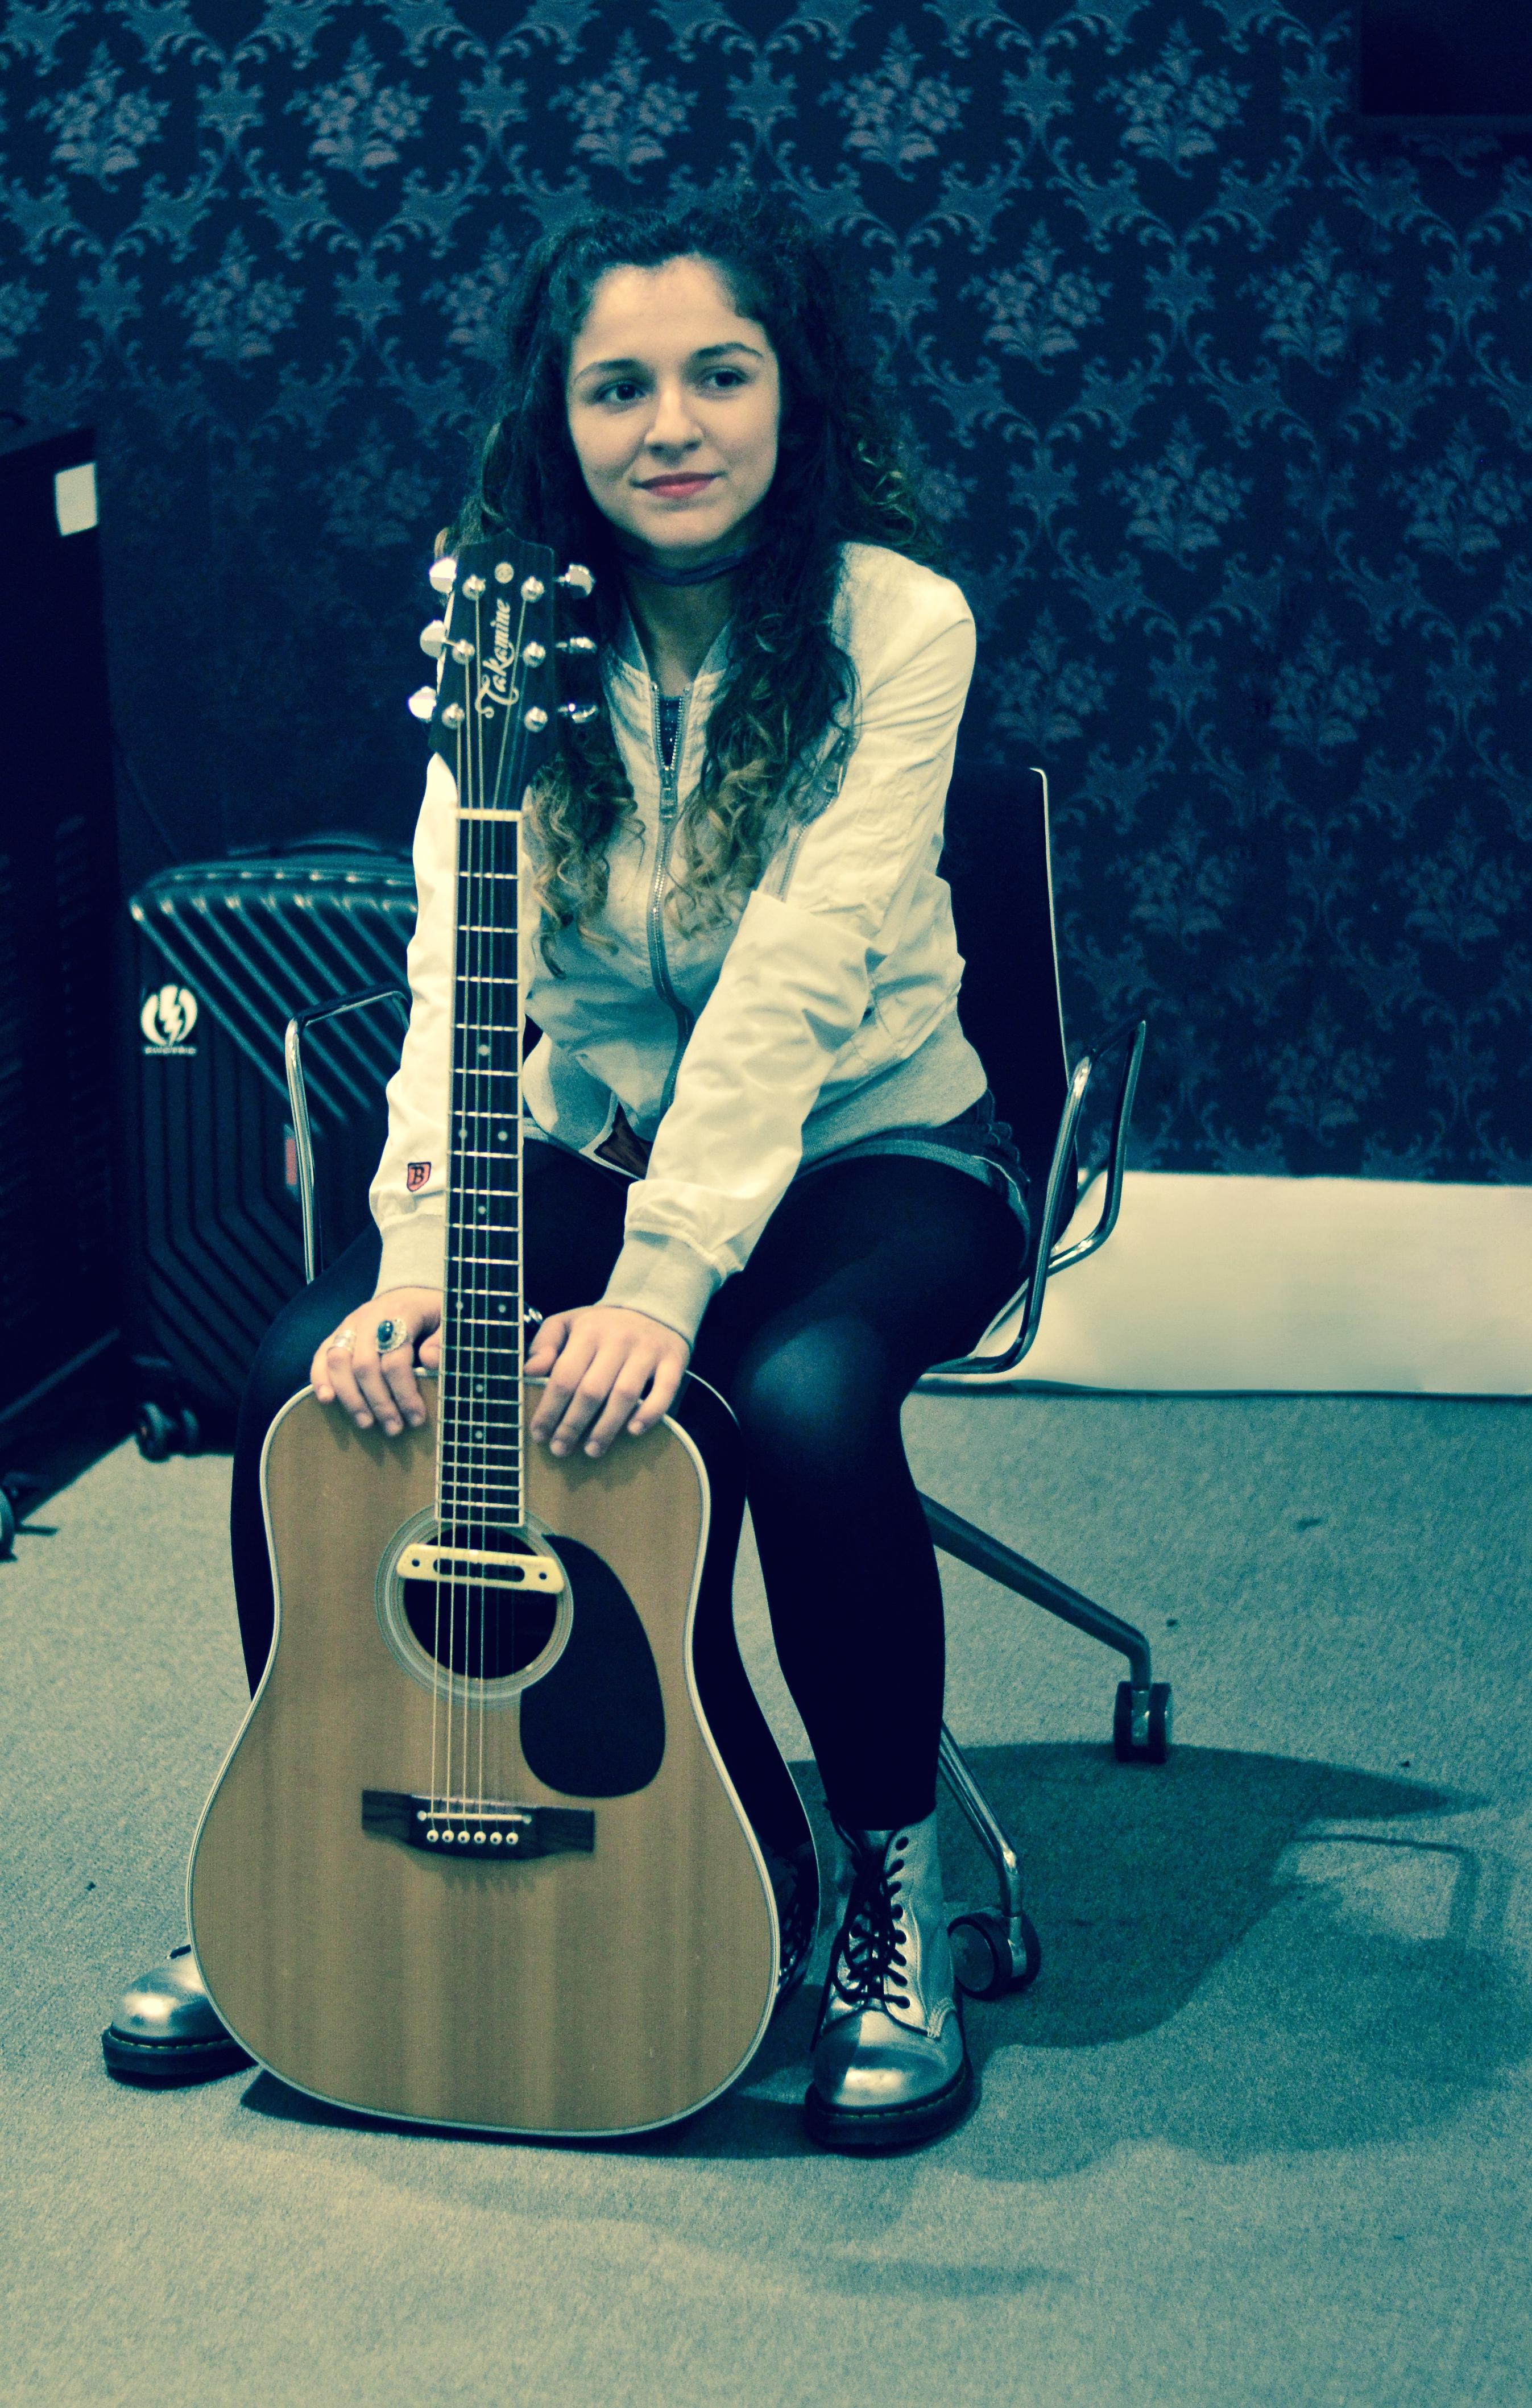 Session Live Naya pour la sortie de son EP Blossom